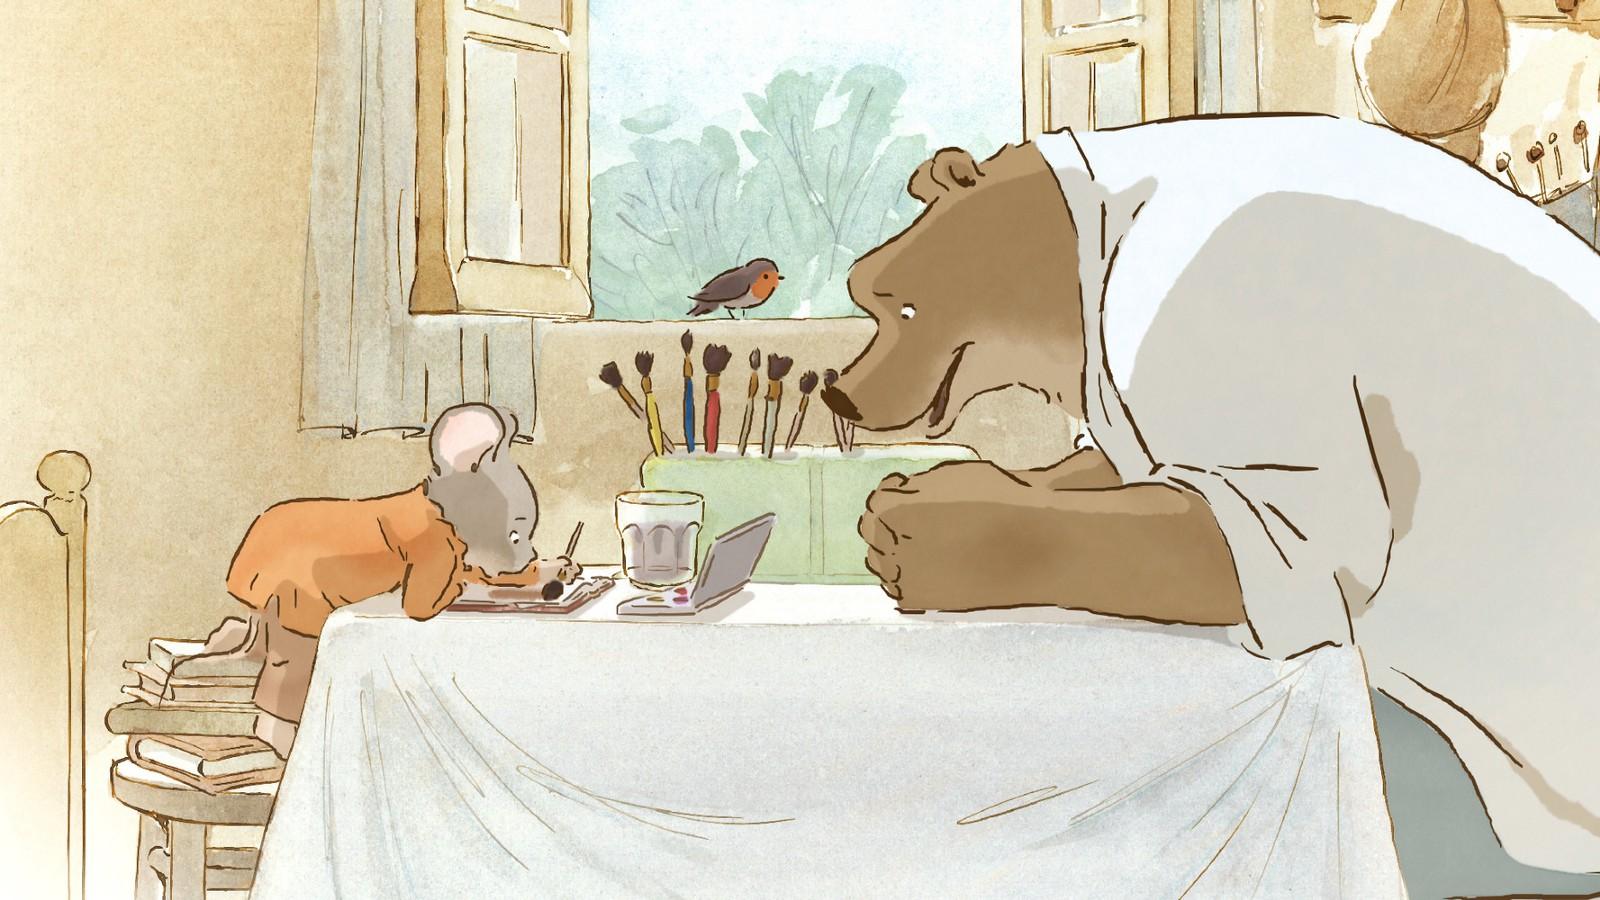 Эрнест и Селестина: Приключения мышки и медведя (Ernest et Célestine) 2012